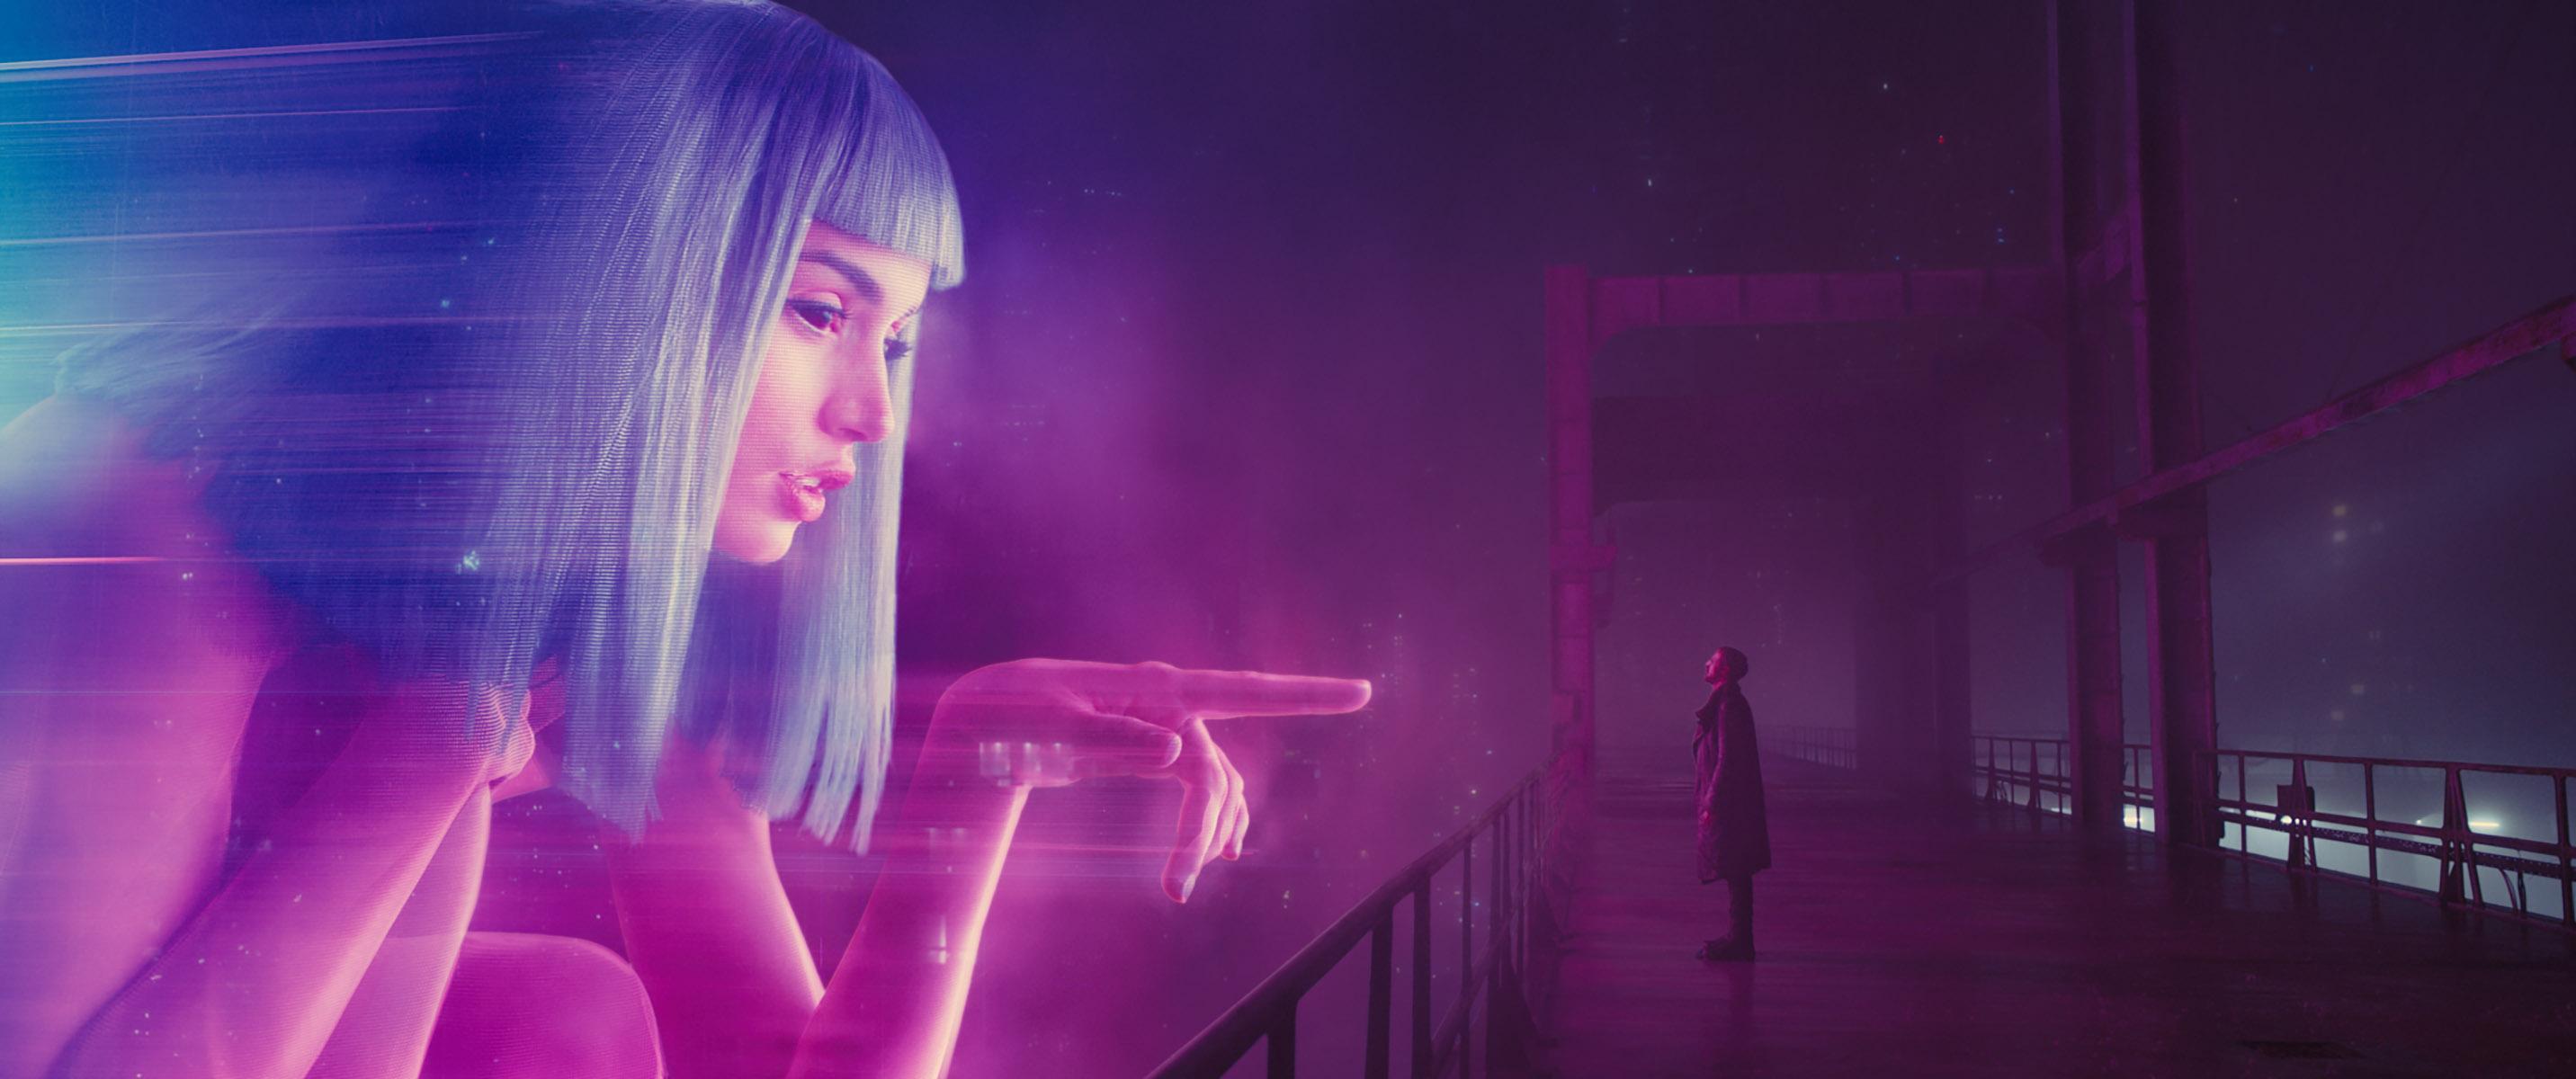 blade-runner-2049-neon